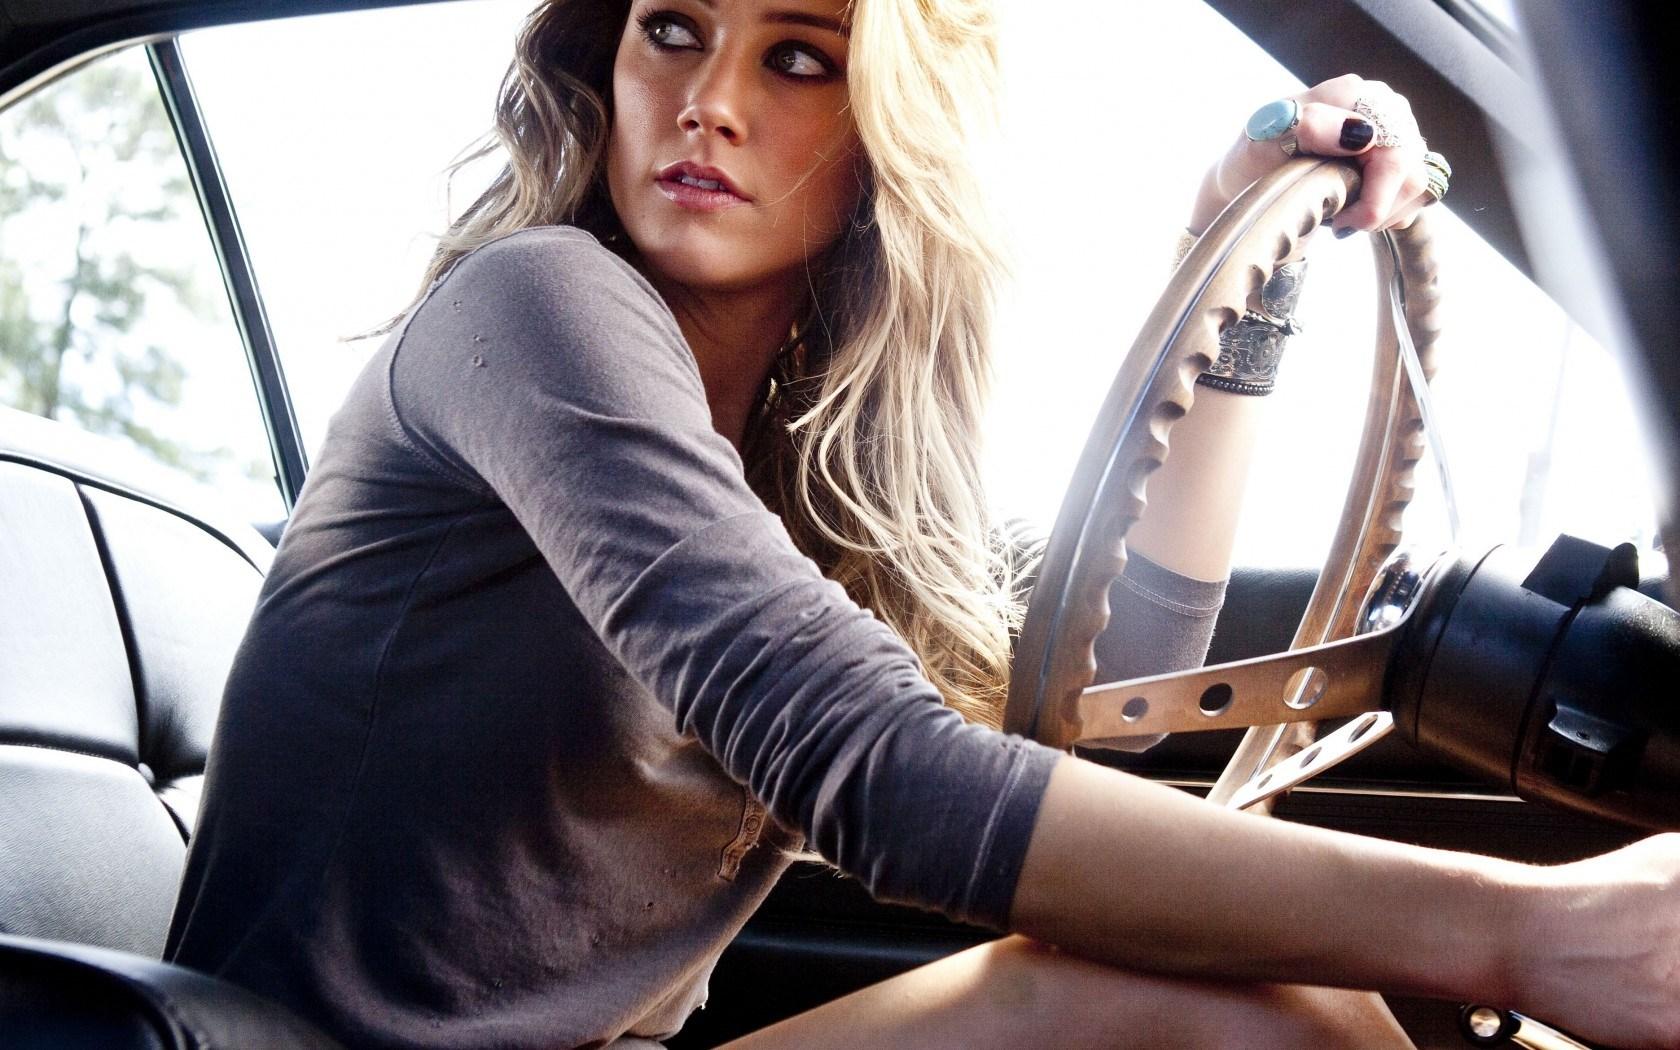 Car Amber Heard Actress Blonde Girl